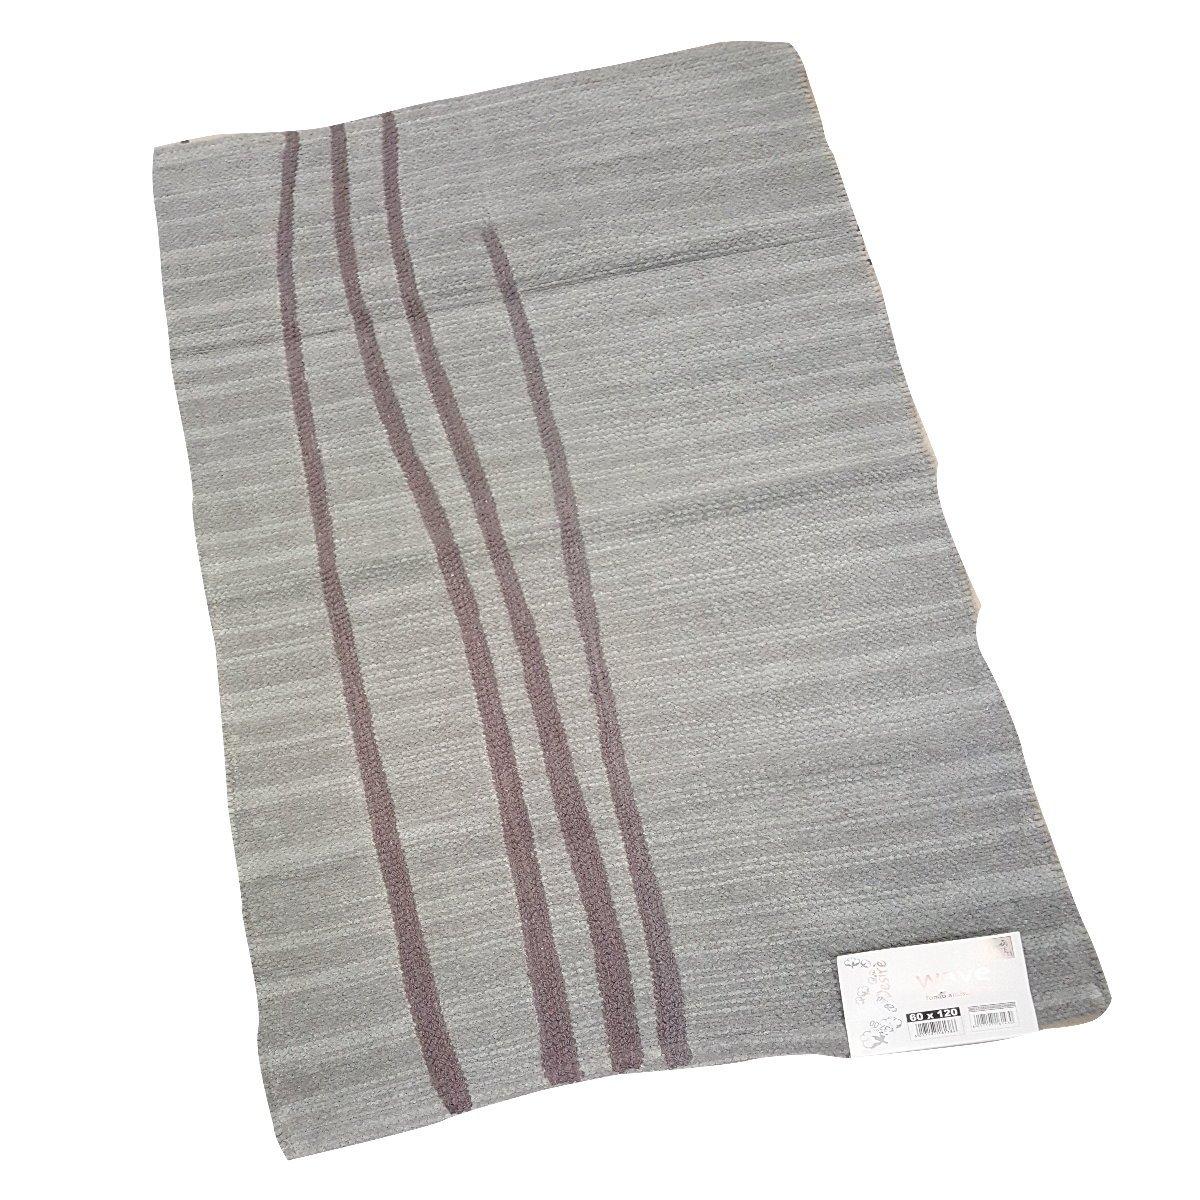 Tappeto bagno in puro cotone disponibile in vari colori - Tappeto grigio chiaro ...